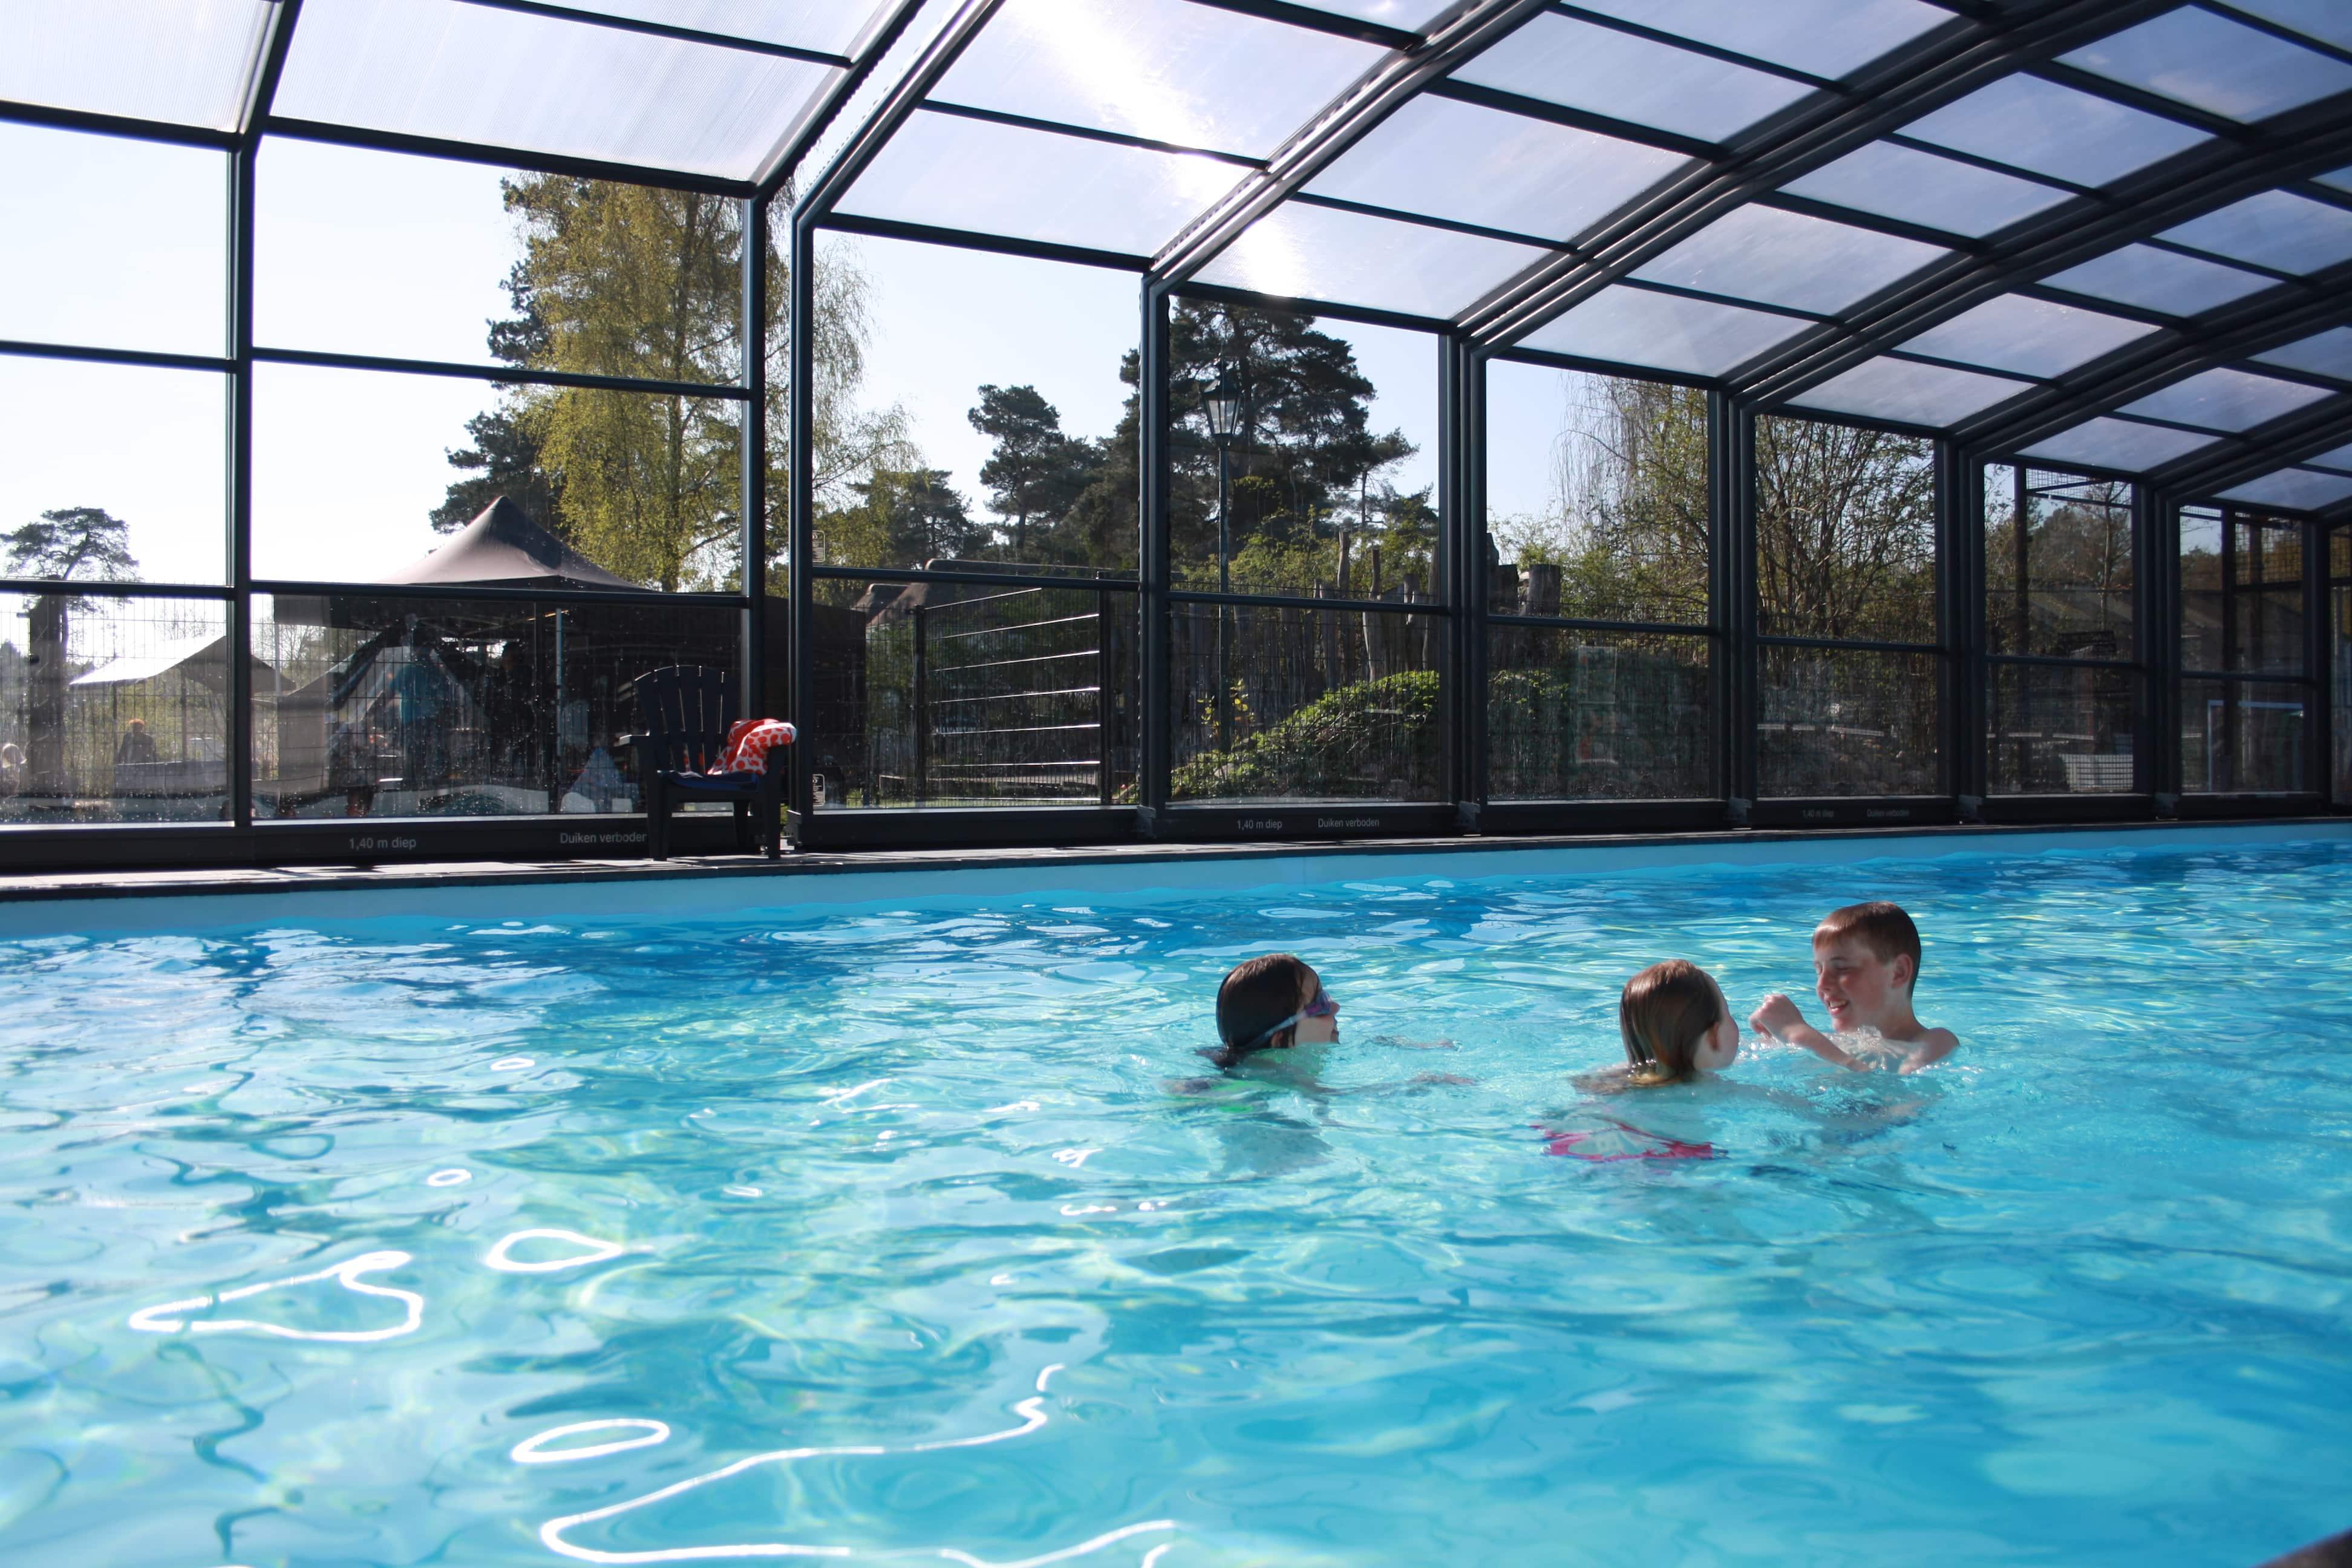 Abri de piscine Collectivités - Va Norg, Pays-Bas